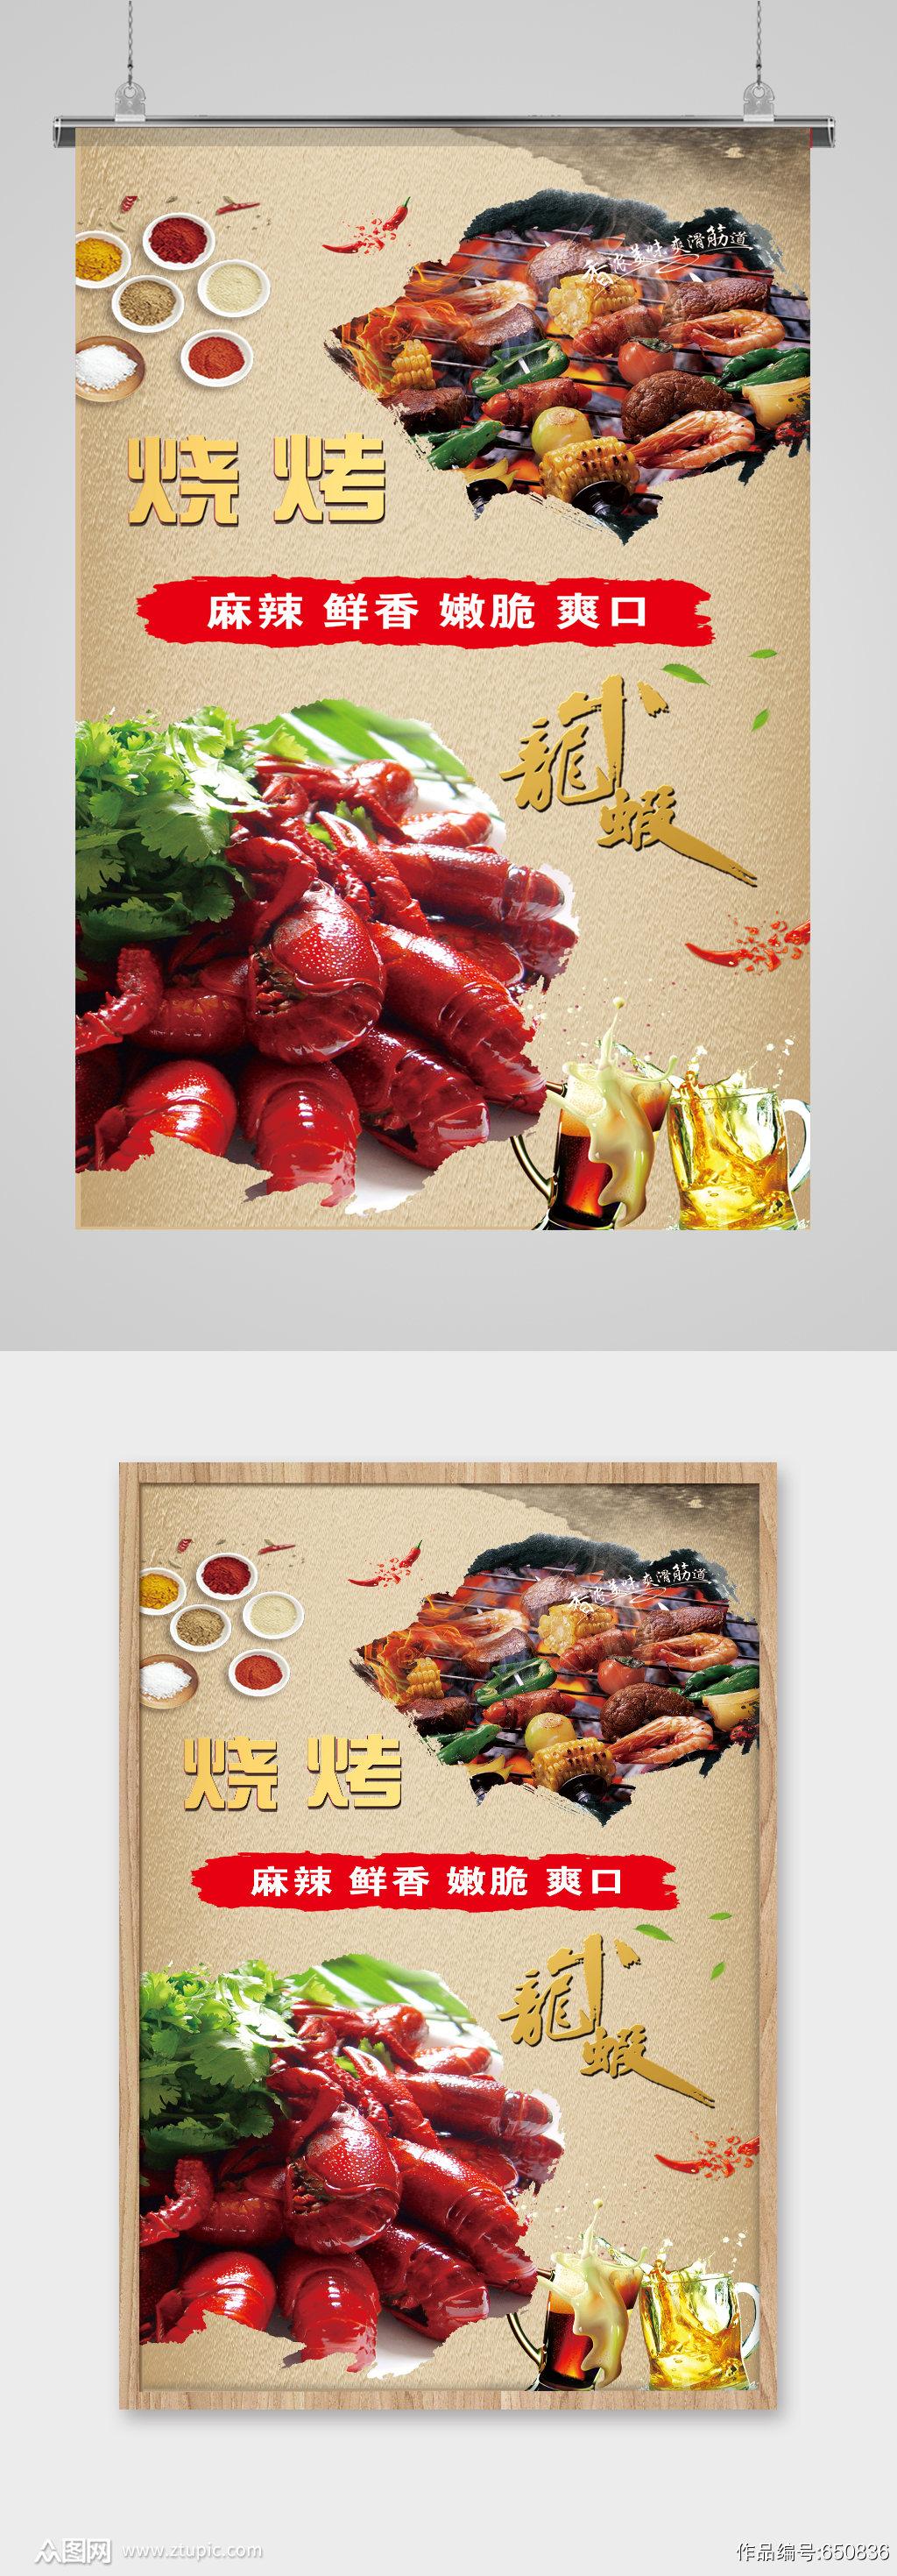 烧烤小龙虾海报展板素材